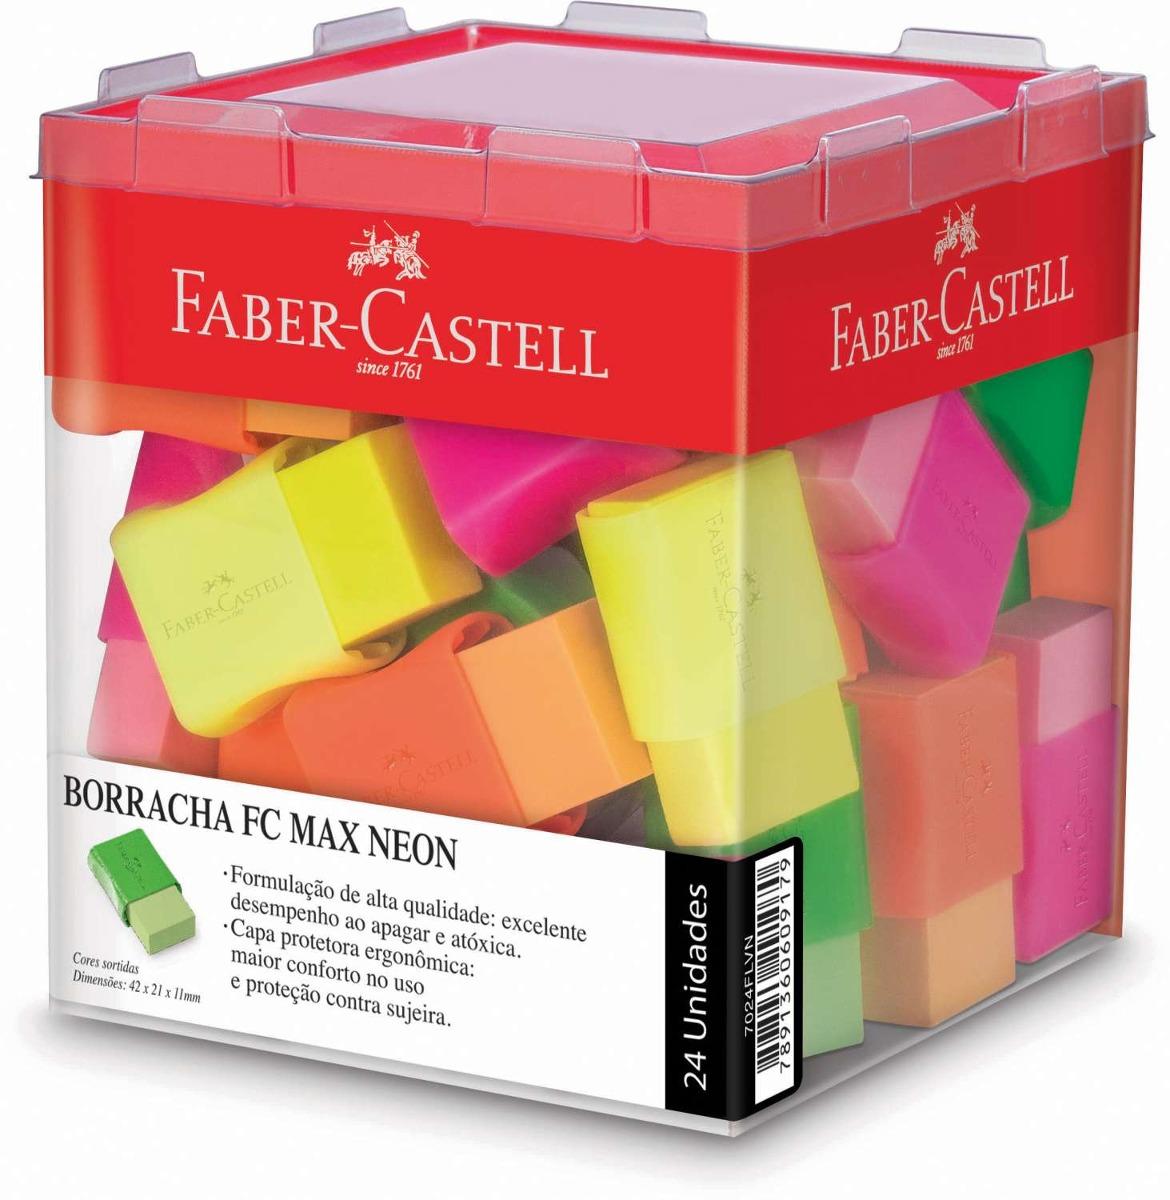 Borracha Plástica Max Neon - Cores Variadas |Faber-castell